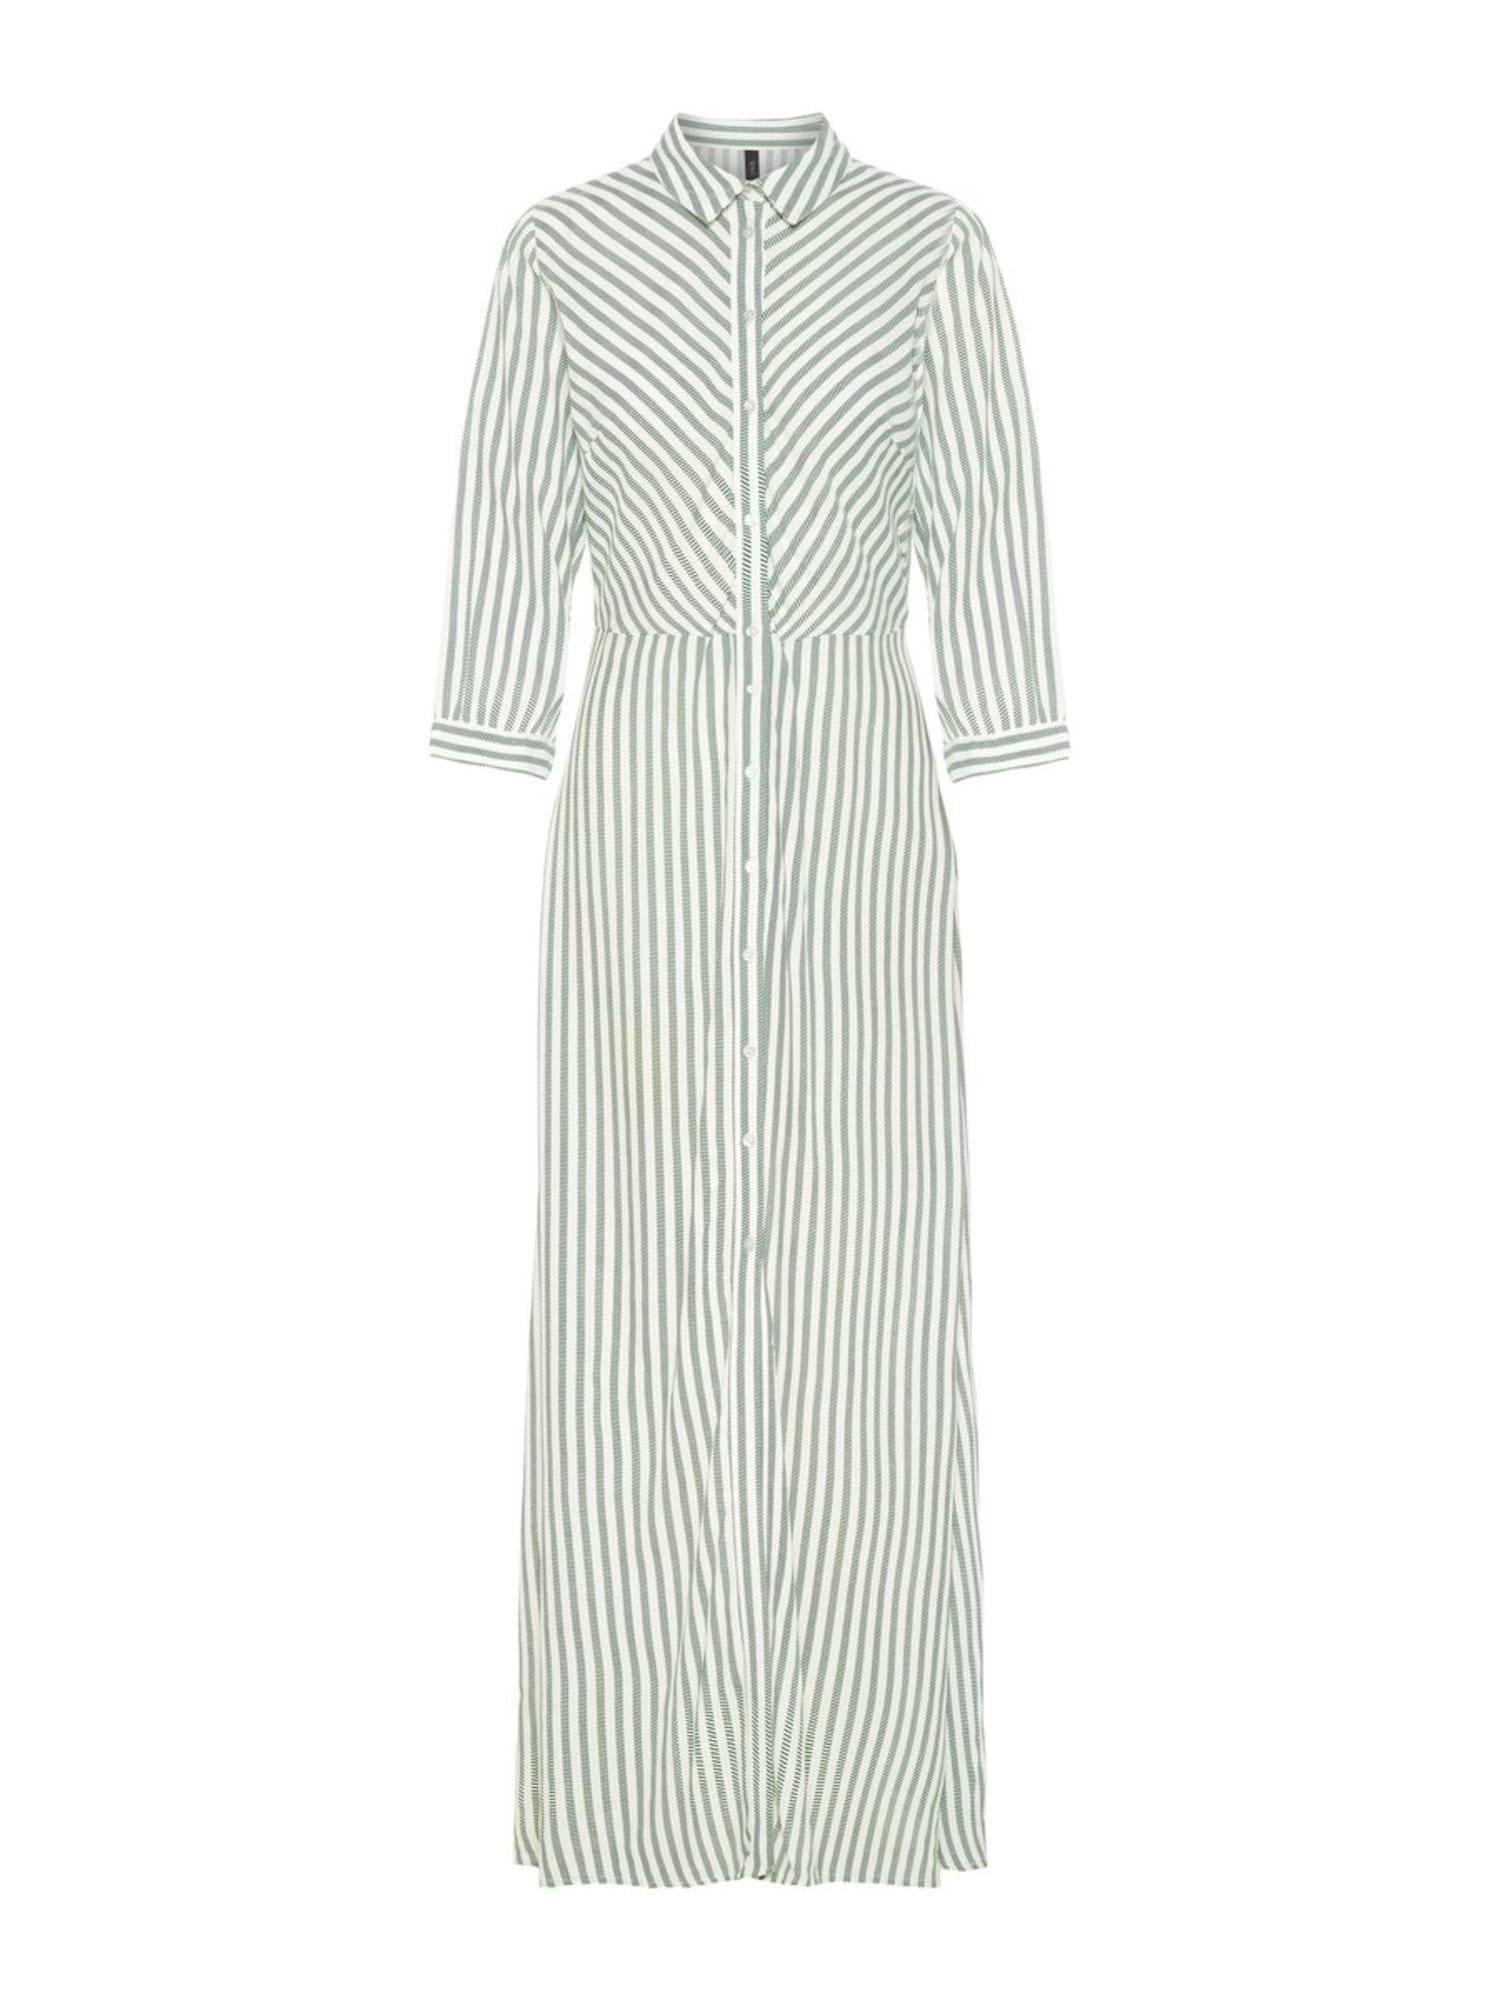 Blusenkleid   Bekleidung > Kleider > Blusenkleider   Grün - Weiß   Y.A.S